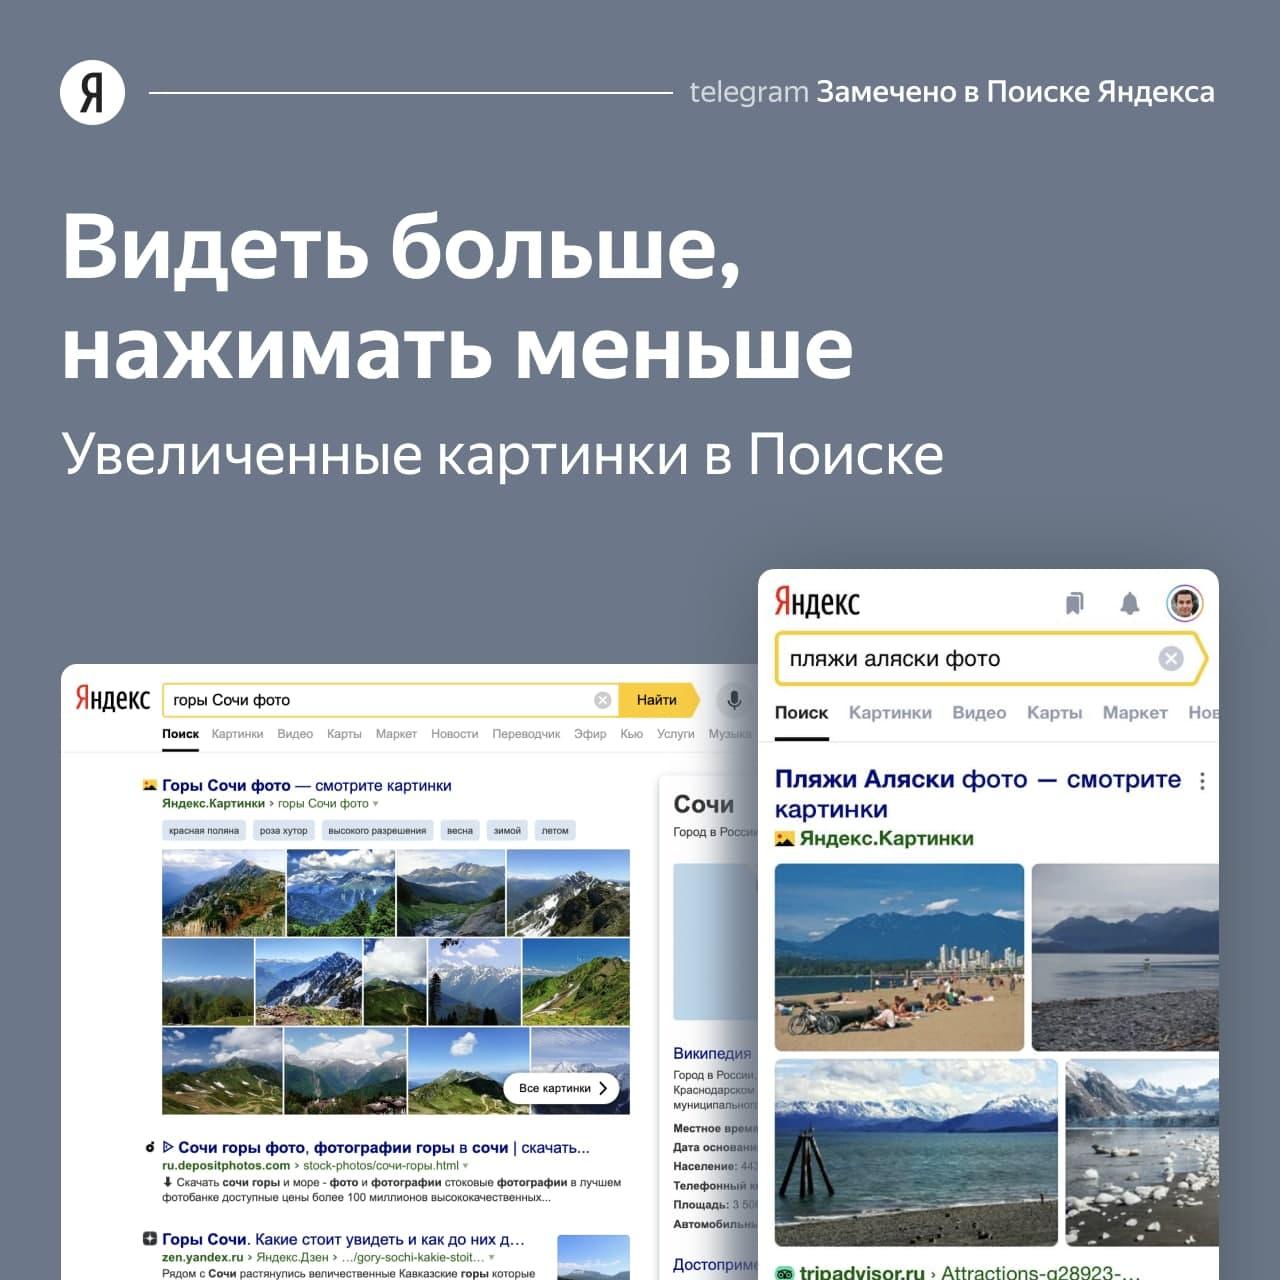 Увеличенные картинки в поиске Яндекса